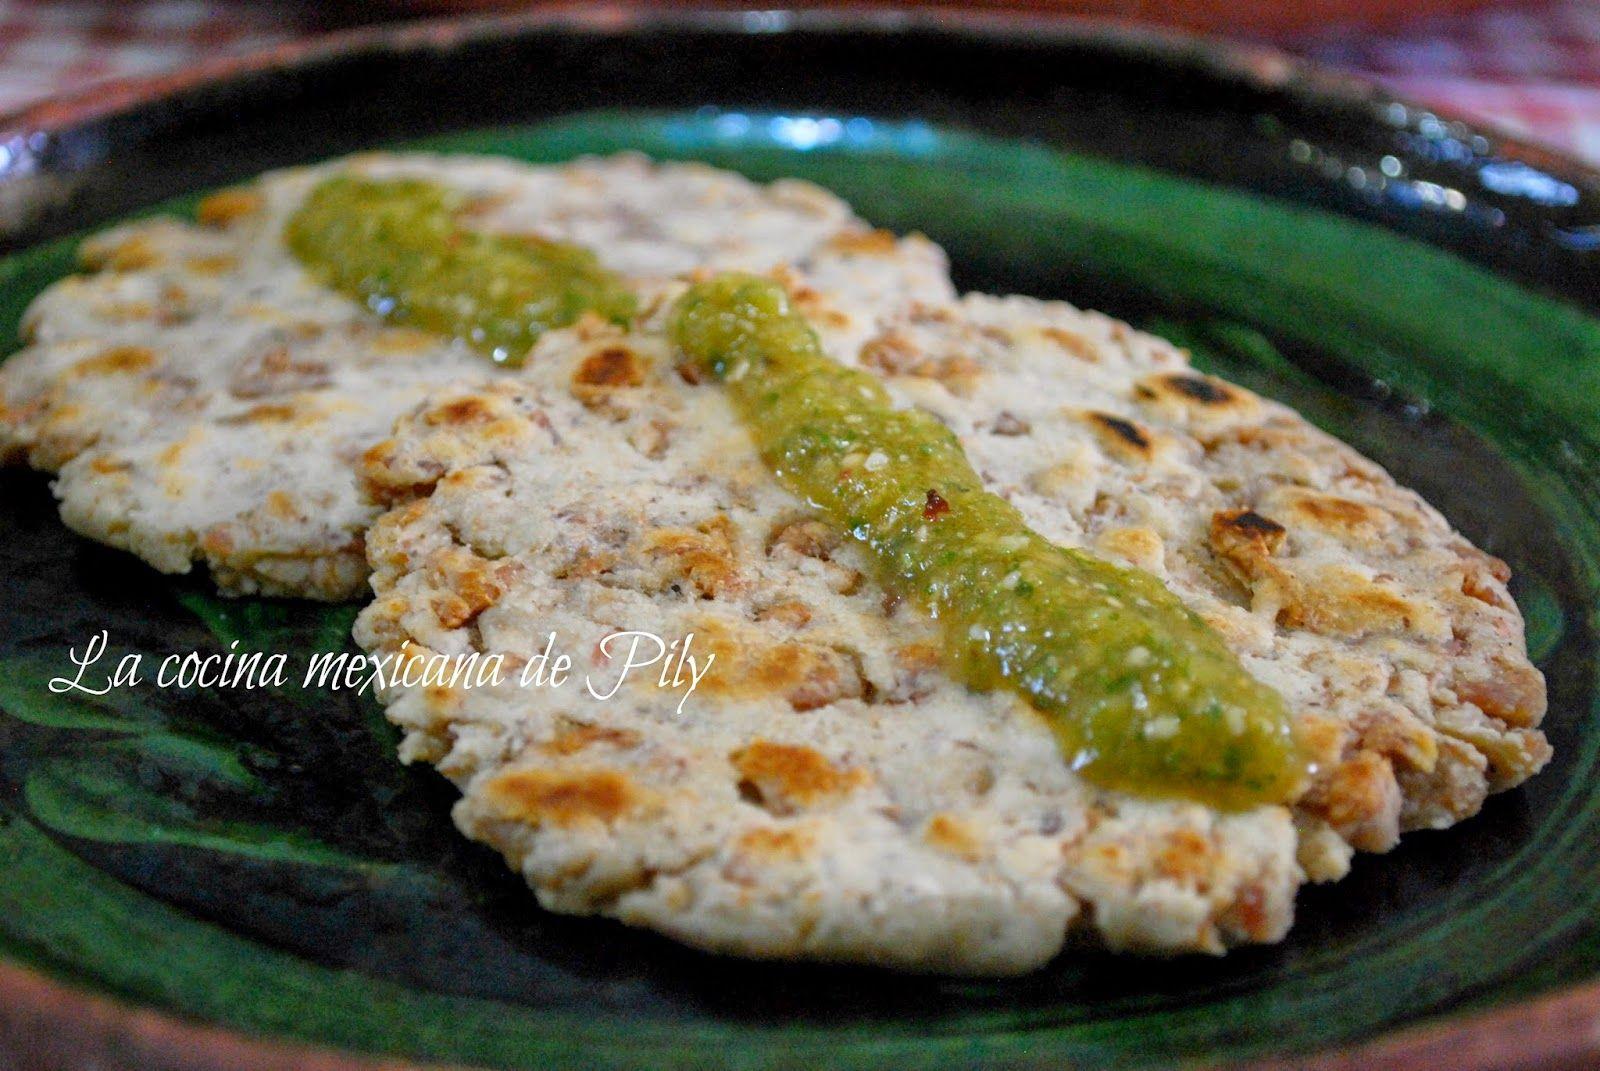 La cocina mexicana de Pily: Gorditas de chicharrón prensado